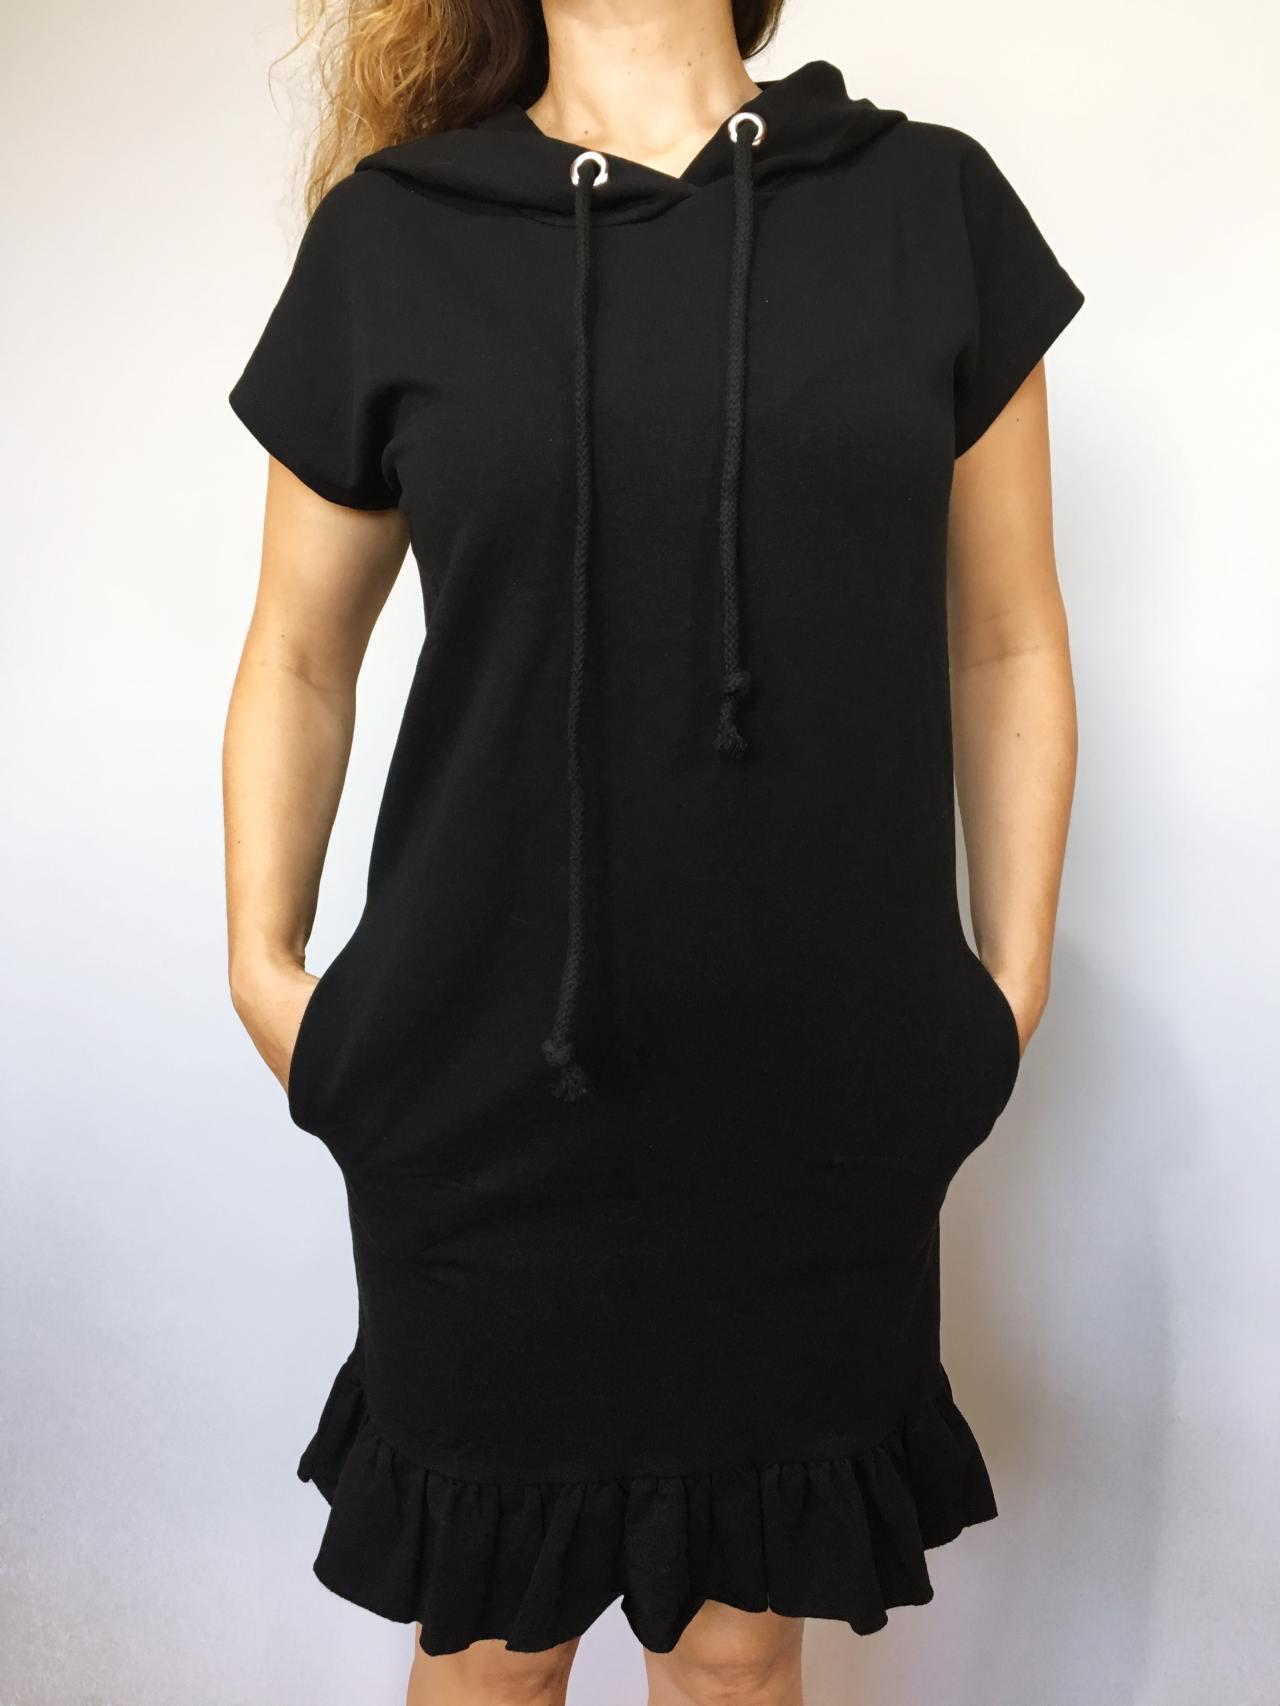 Šaty Conny černé 04